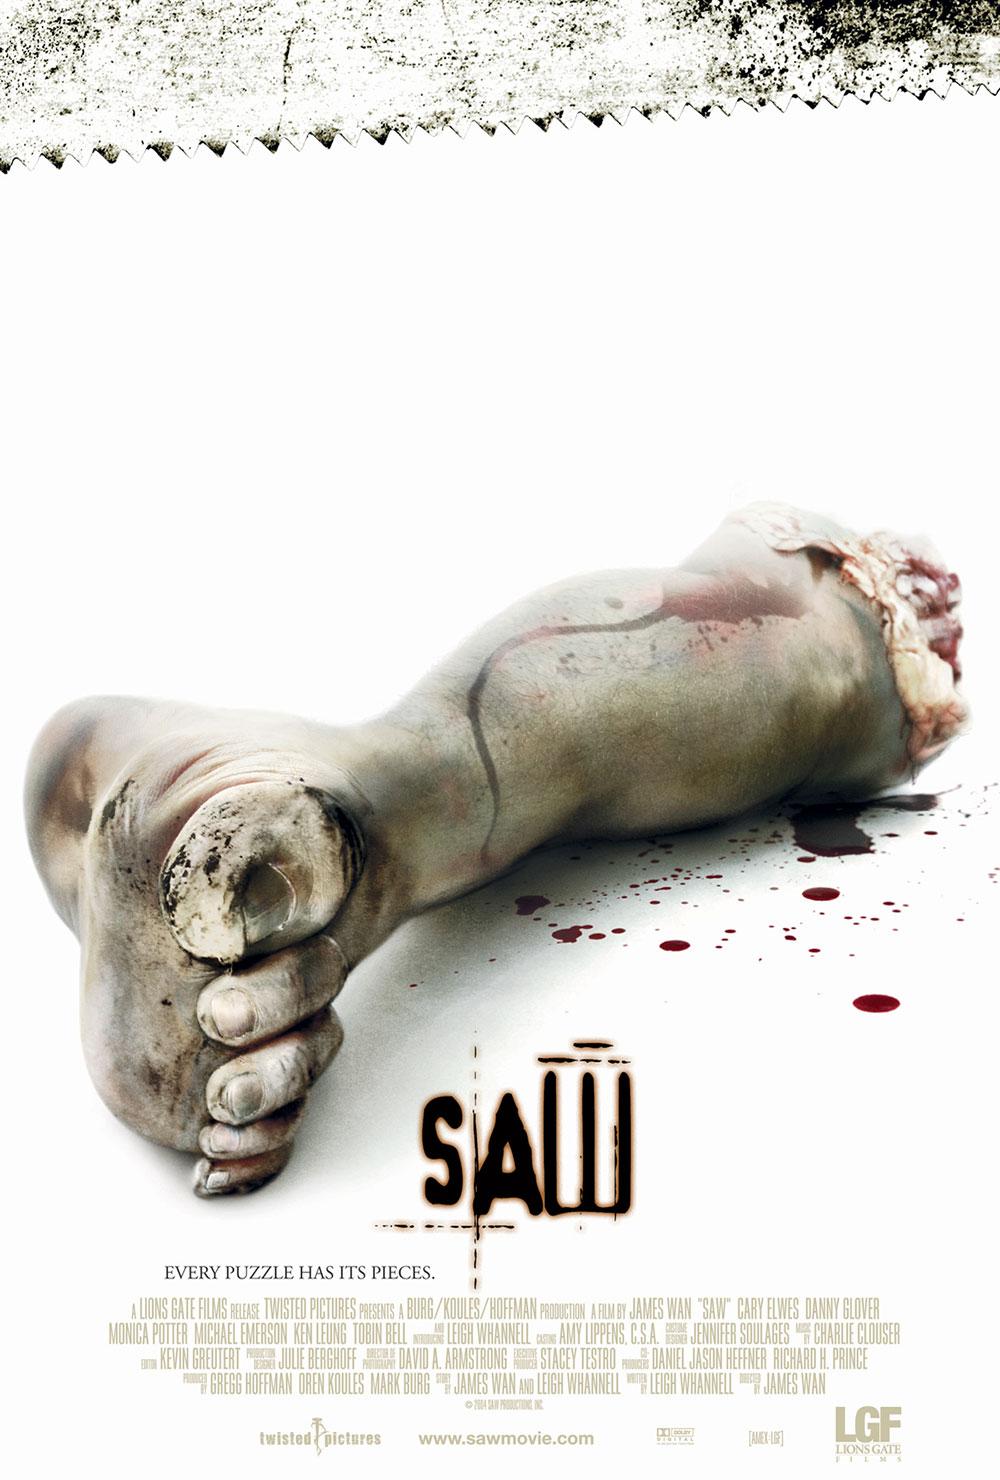 Saw_Poster_v01